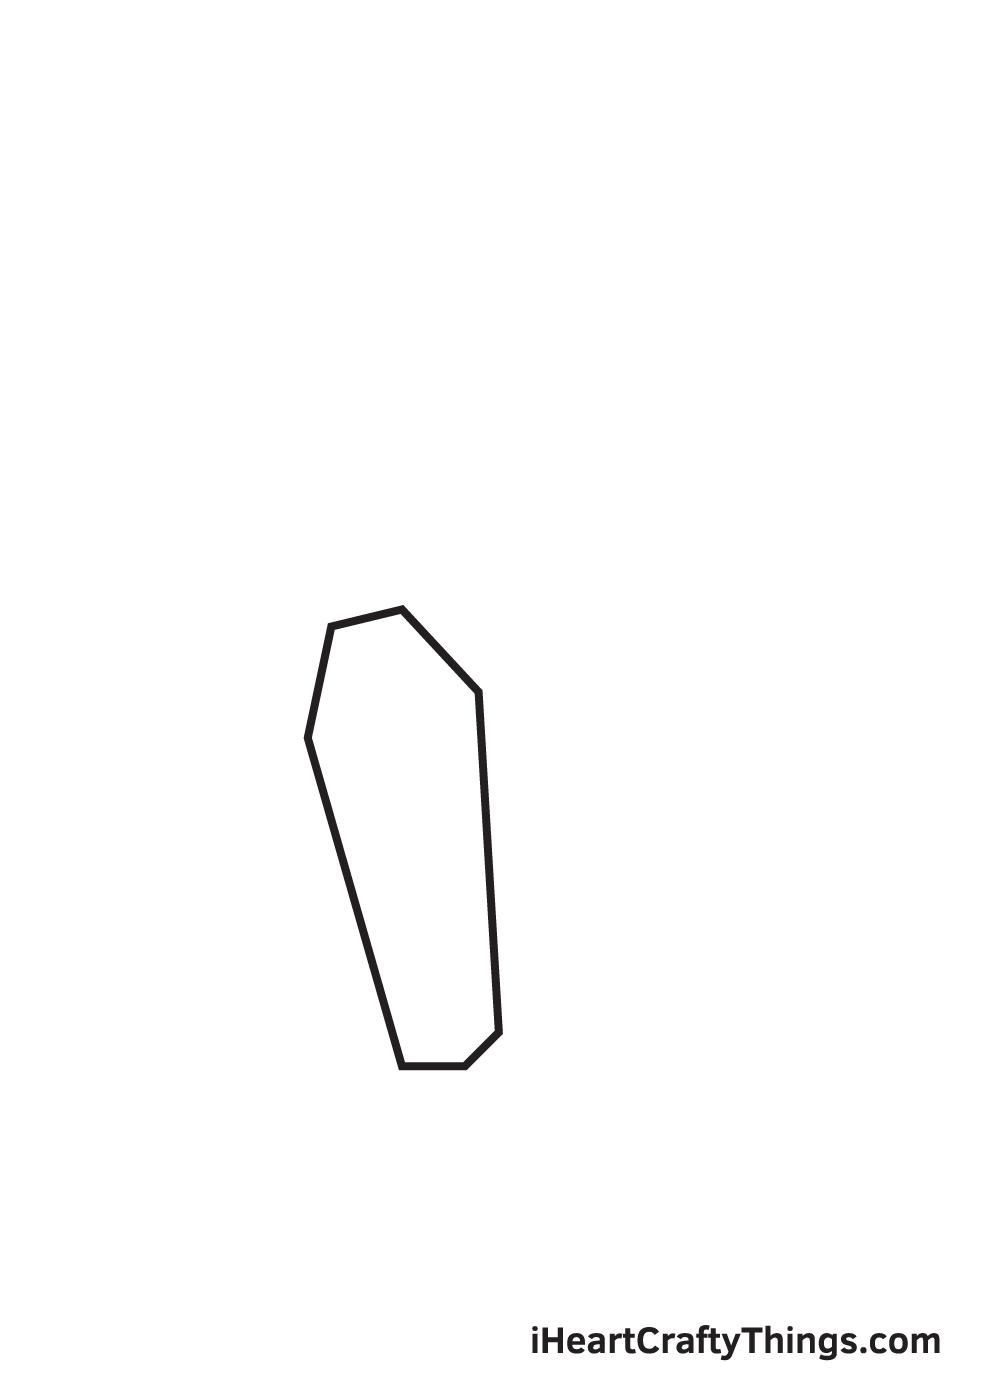 crystals drawing step 1